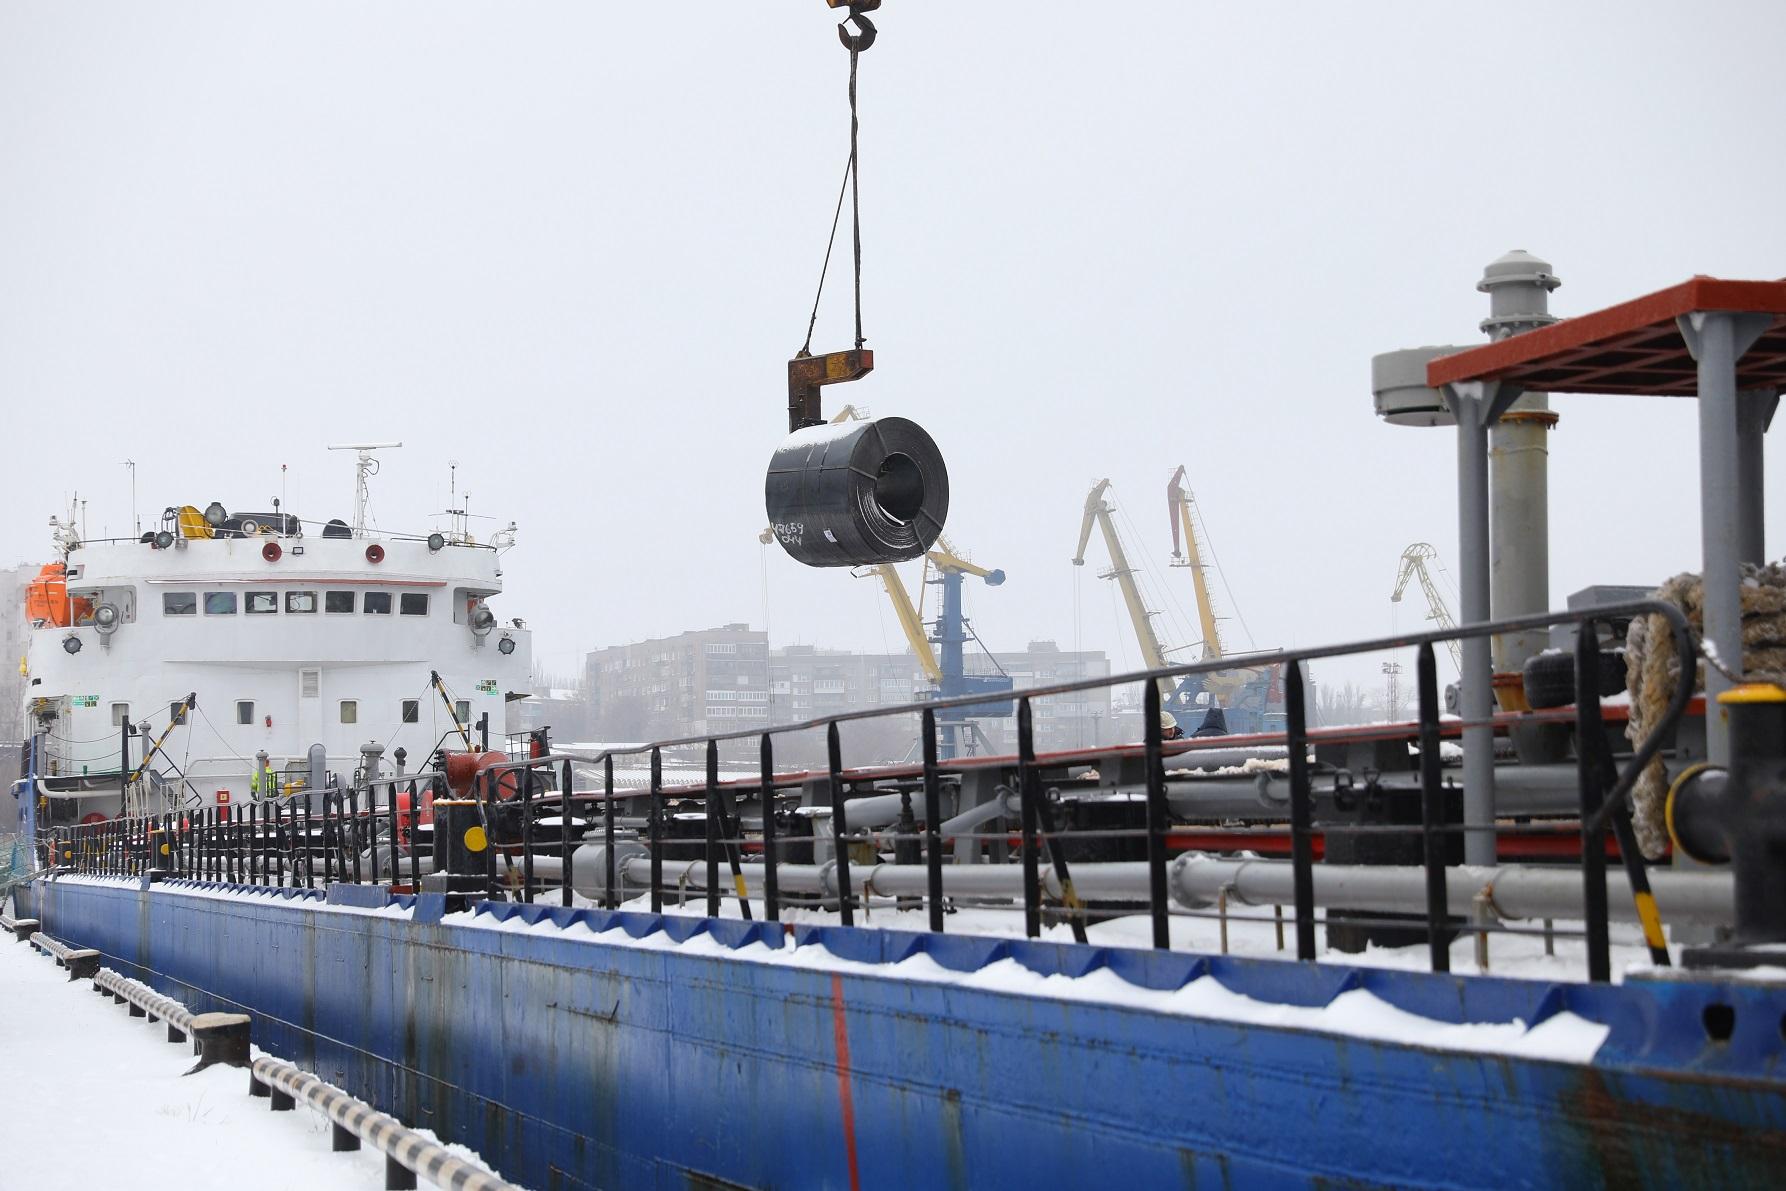 У 2020 році «Запоріжсталь» відправив на експорт 867 тис. тонн продукції через Запорізький річковий порт